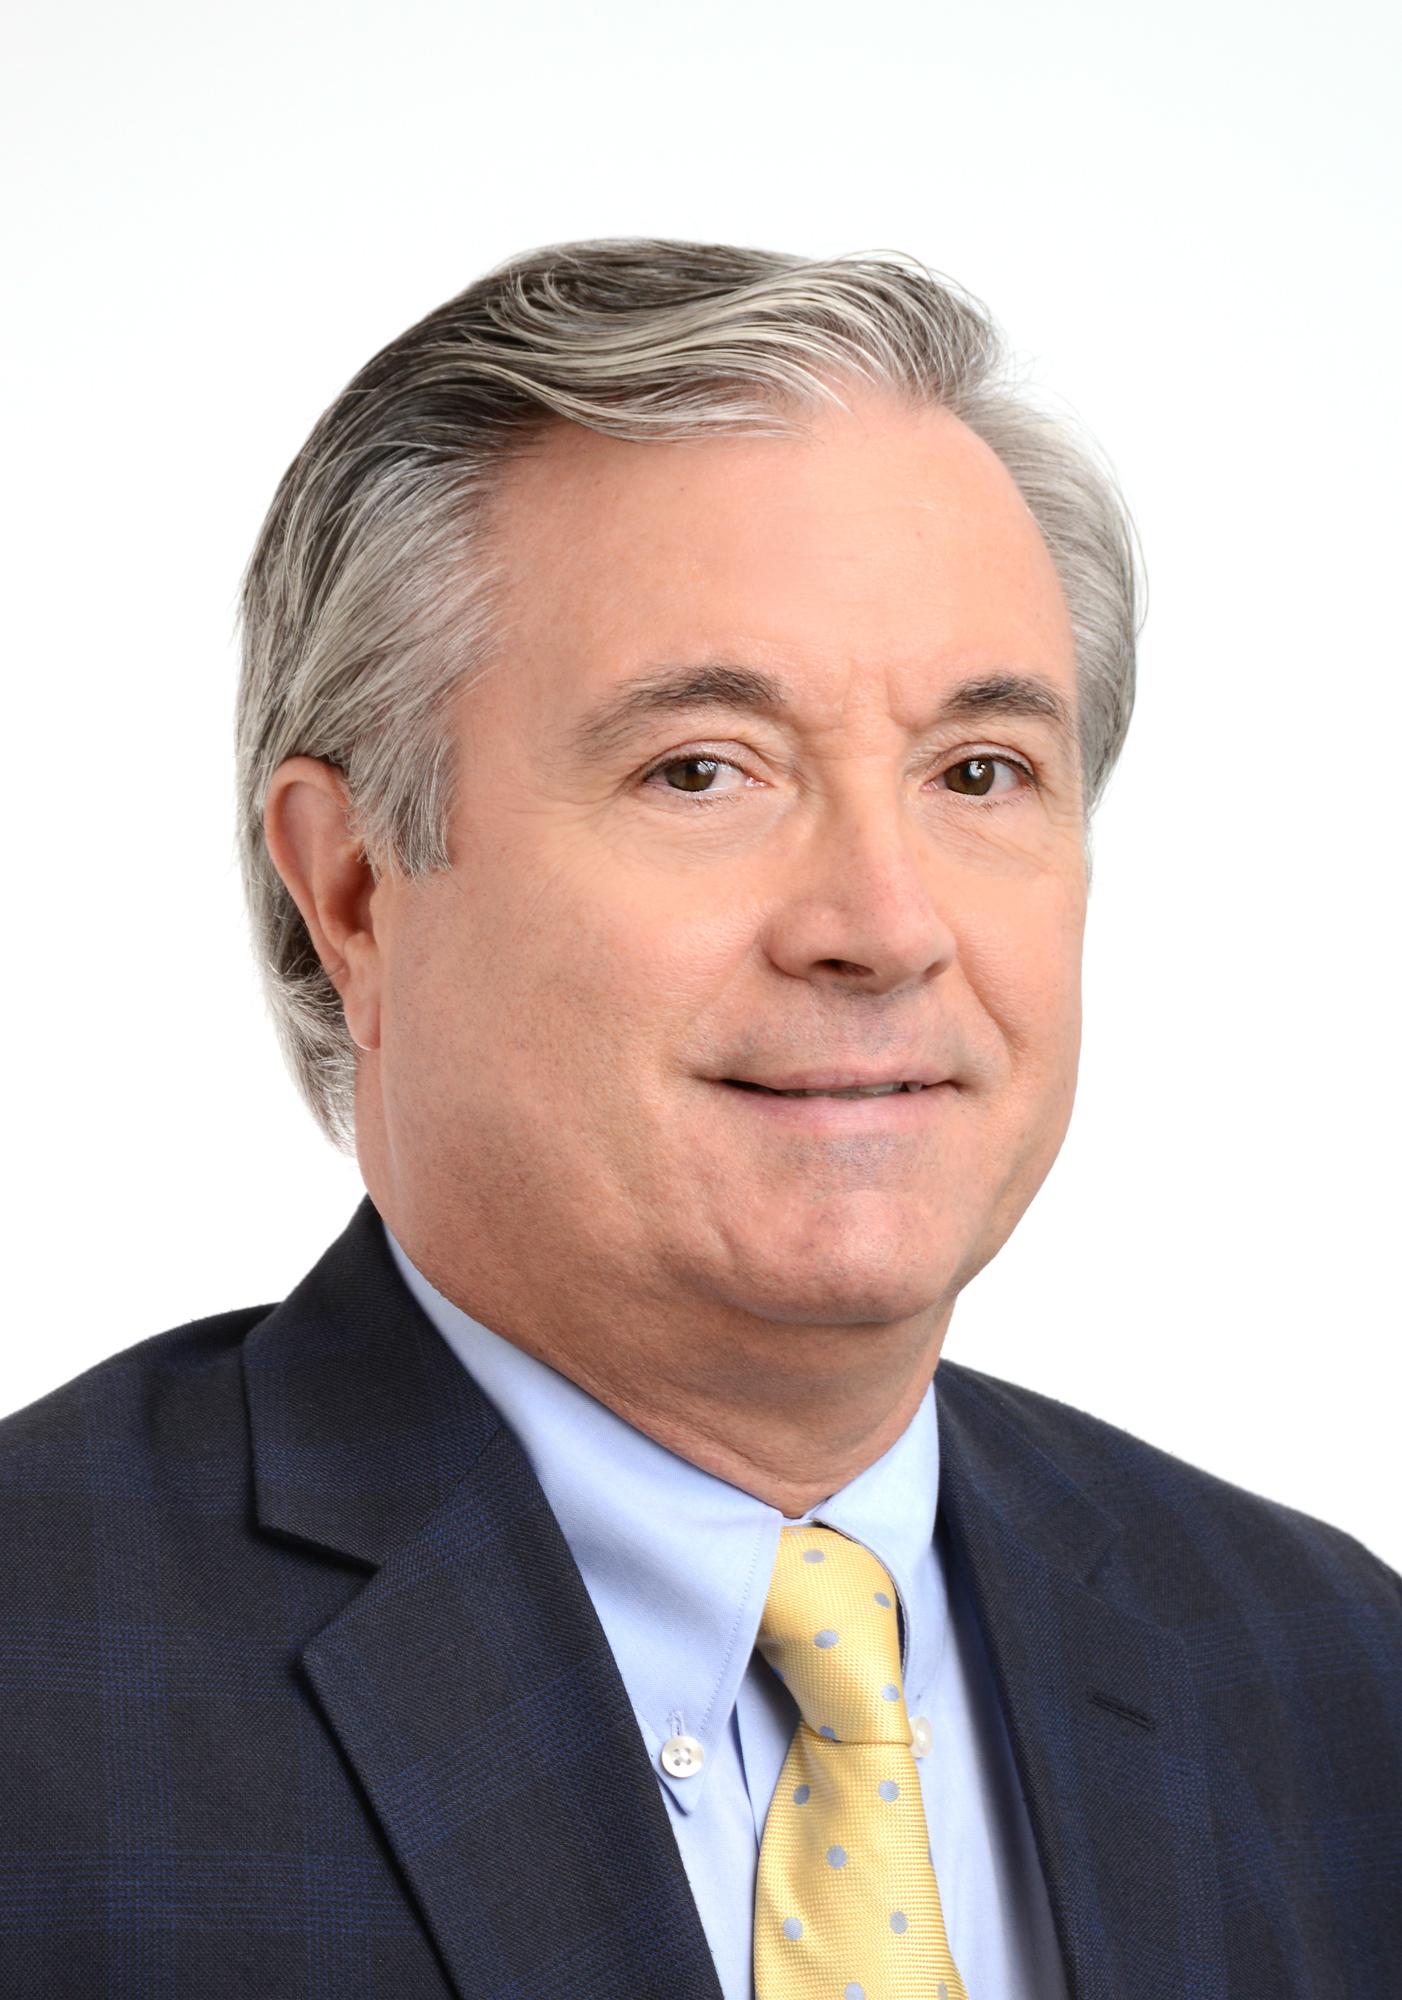 Octavio Mendes